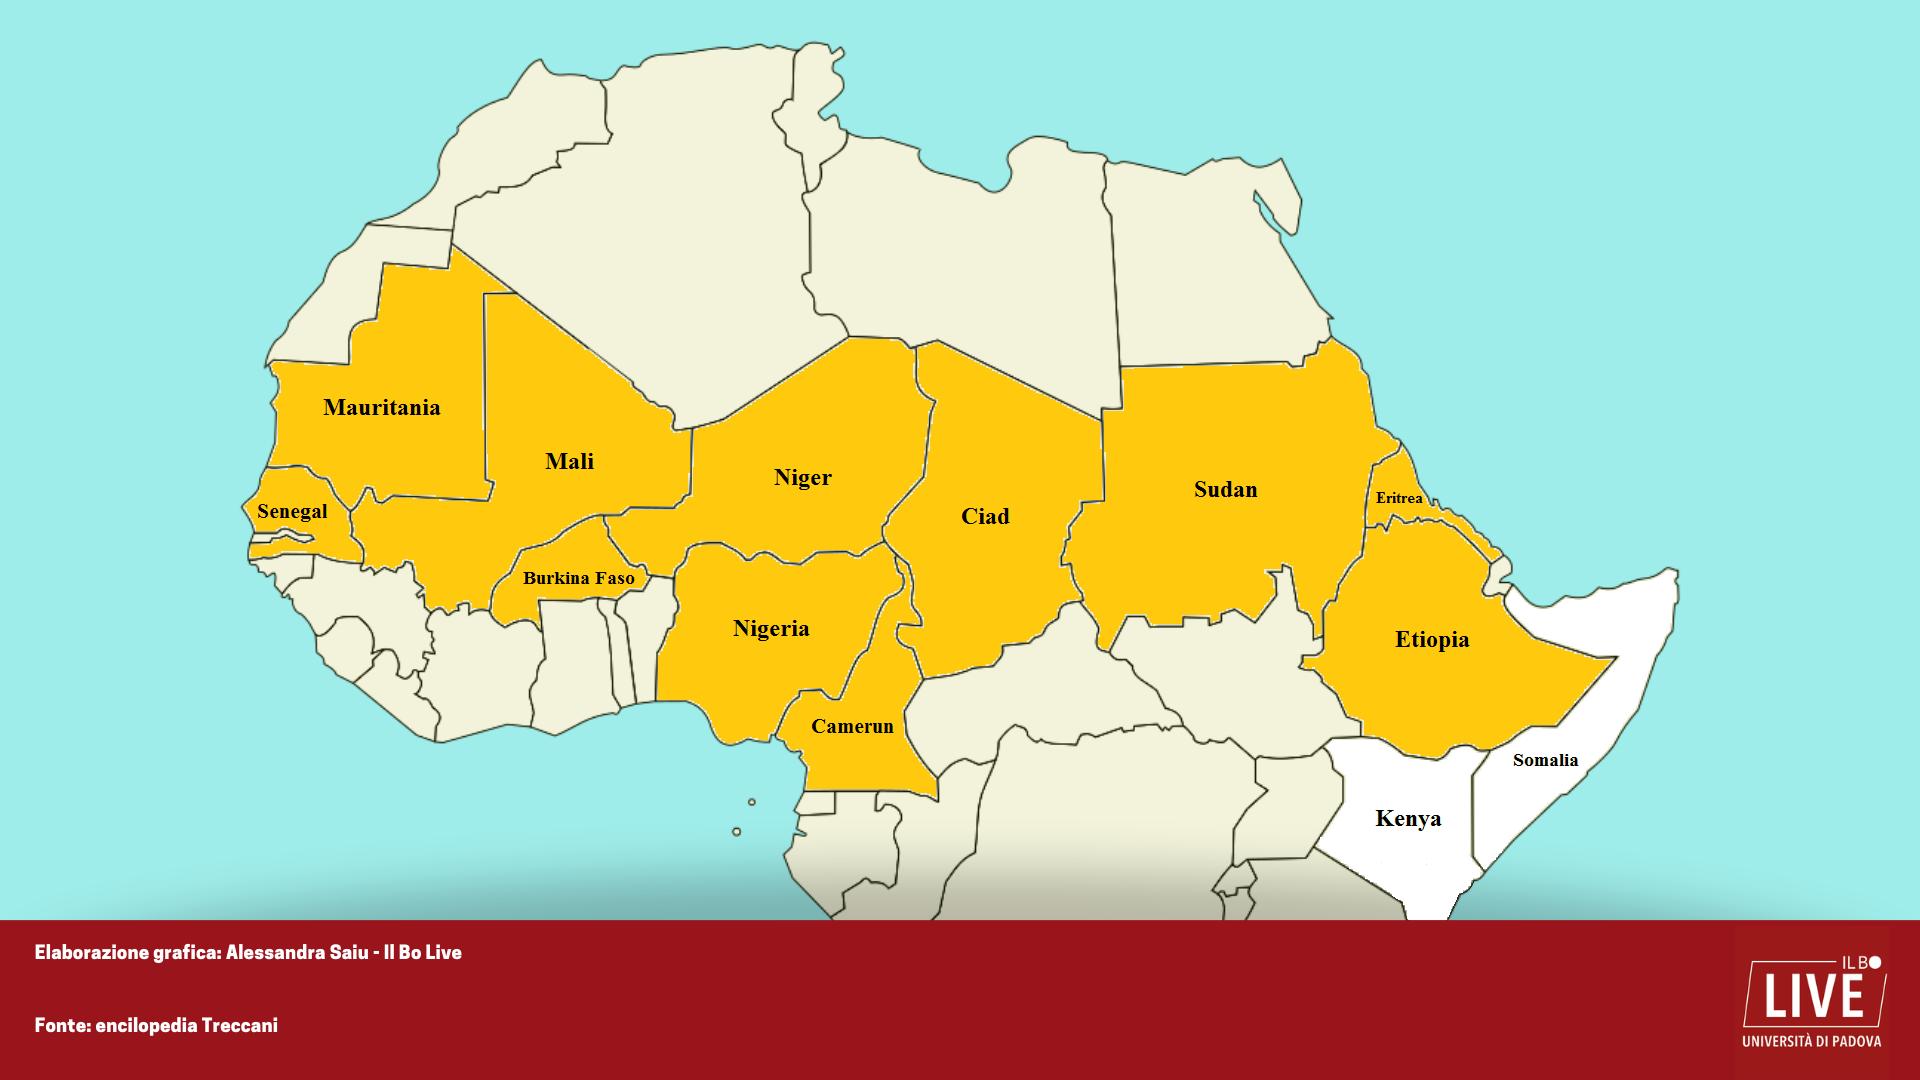 Africa Occidentale Cartina Geografica.Le Tratte Degli Schiavi Dall Africa Sub Sahariana All Africa Mediterranea Il Bo Live Unipd